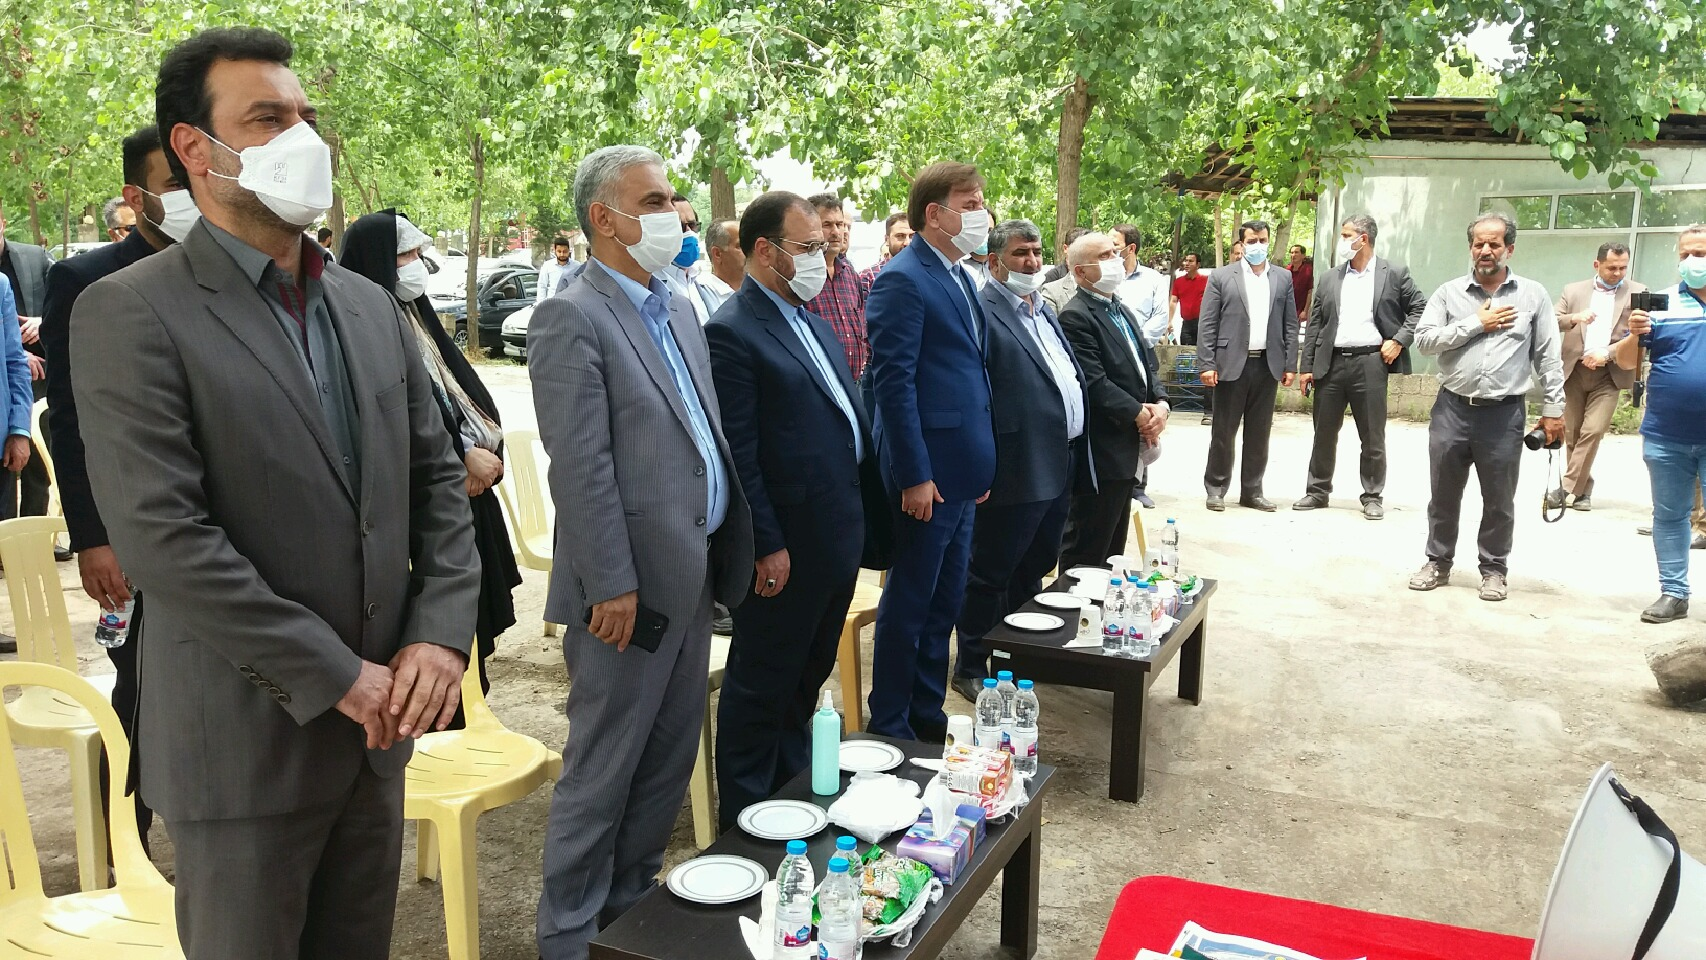 افتتاح رسمی بخشداریهای ضیابر و طاهرگوراب با حضور معاون پارلمانی رییس جمهور